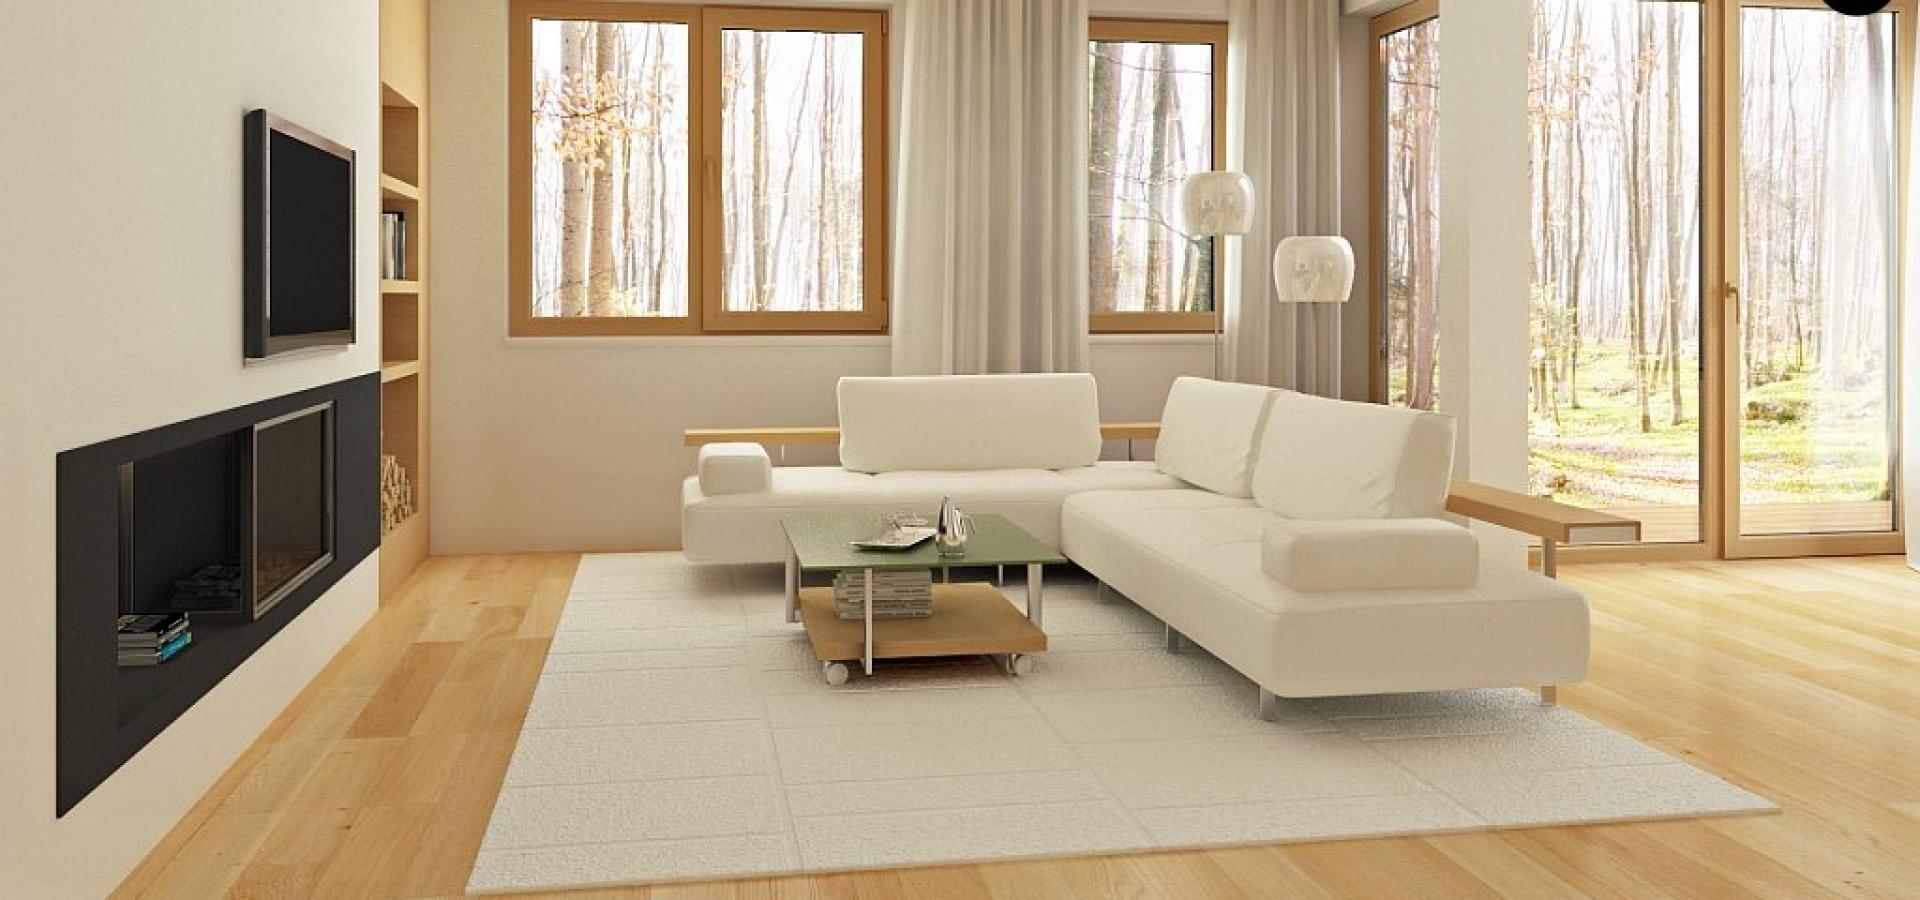 decoracion-interior-casa-de-dos-pisos-con-cochera-y-tres-dormitorios